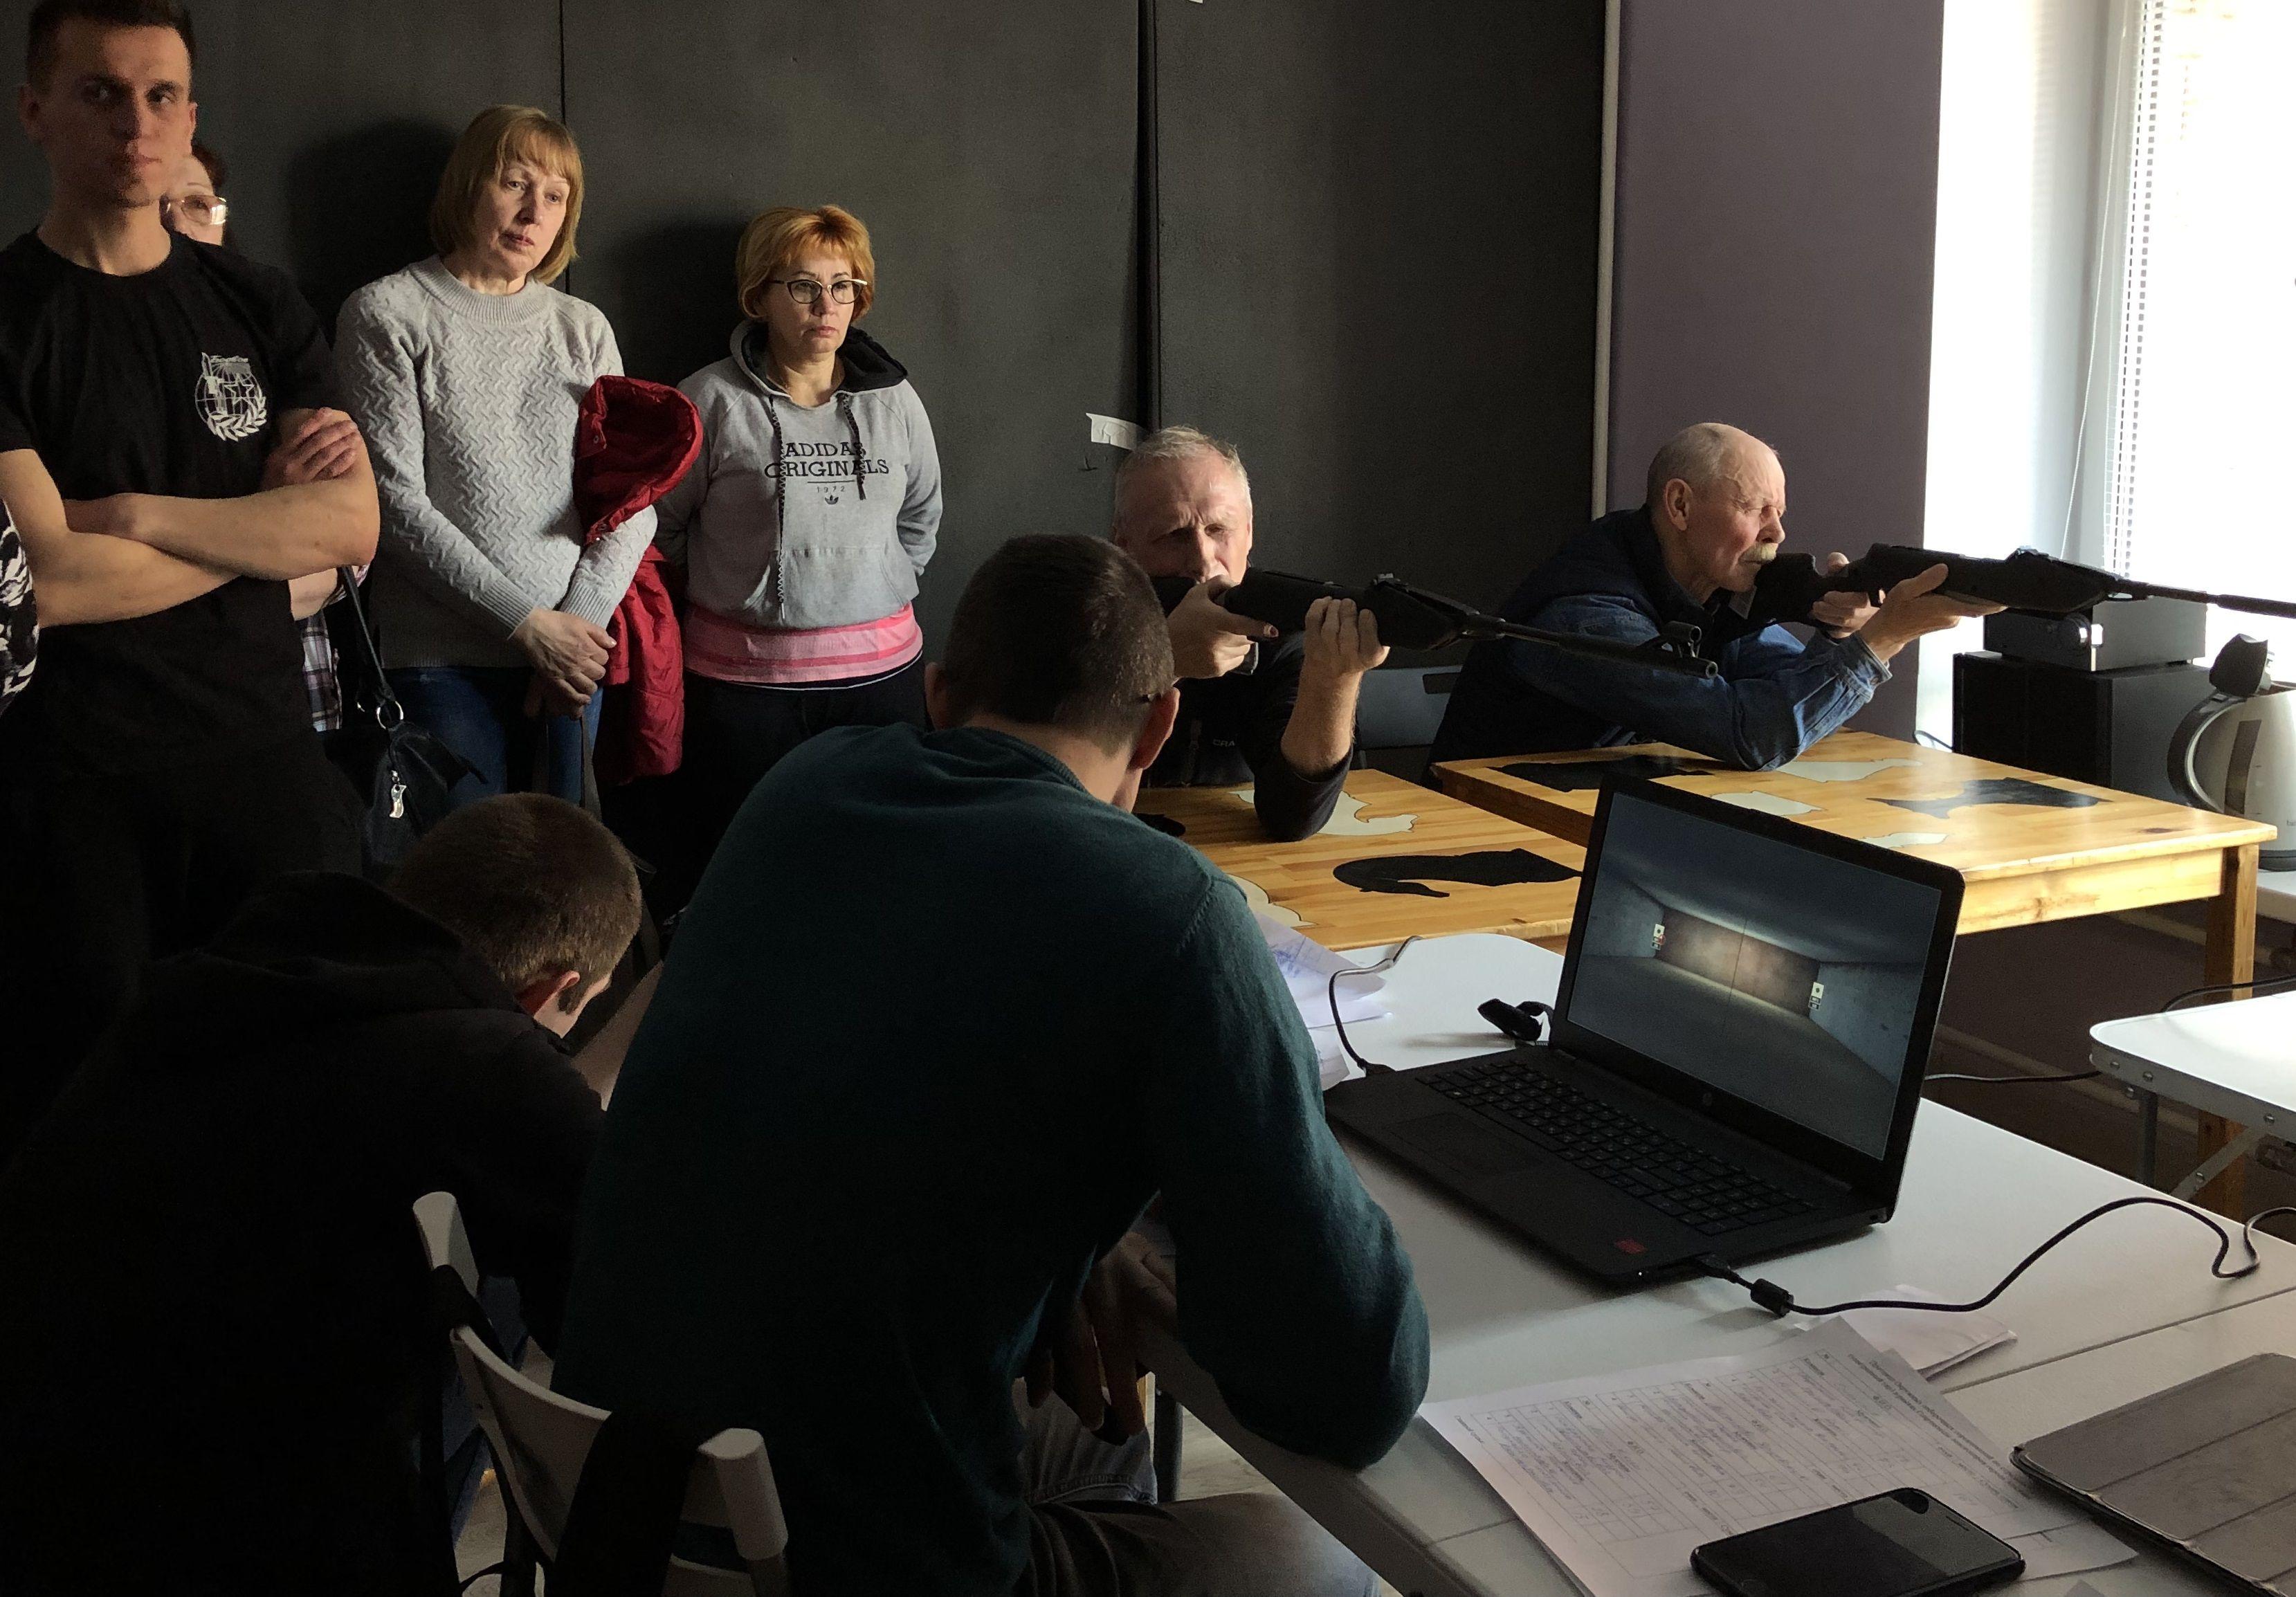 Окружные соревнования«Электронный тир»: взгляд из-за ширмы. Фото: Анастасия Аброськина